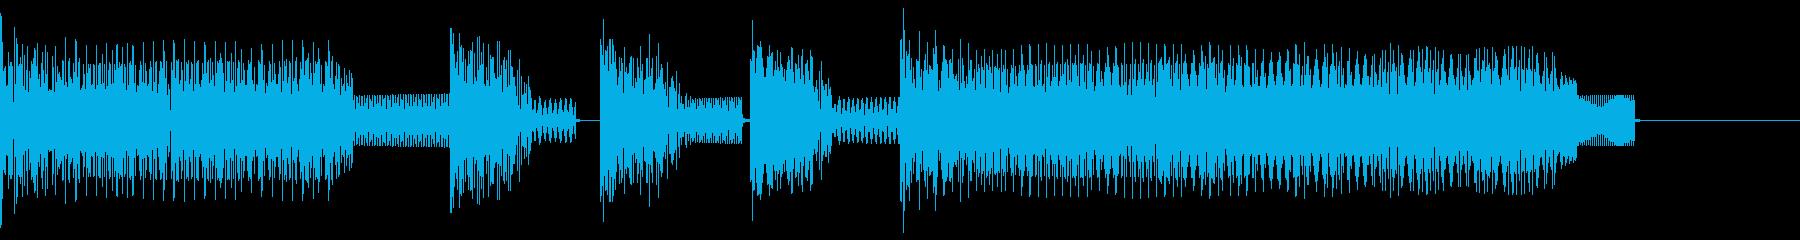 ★ファミコン風ゲームクリアBGM2   の再生済みの波形